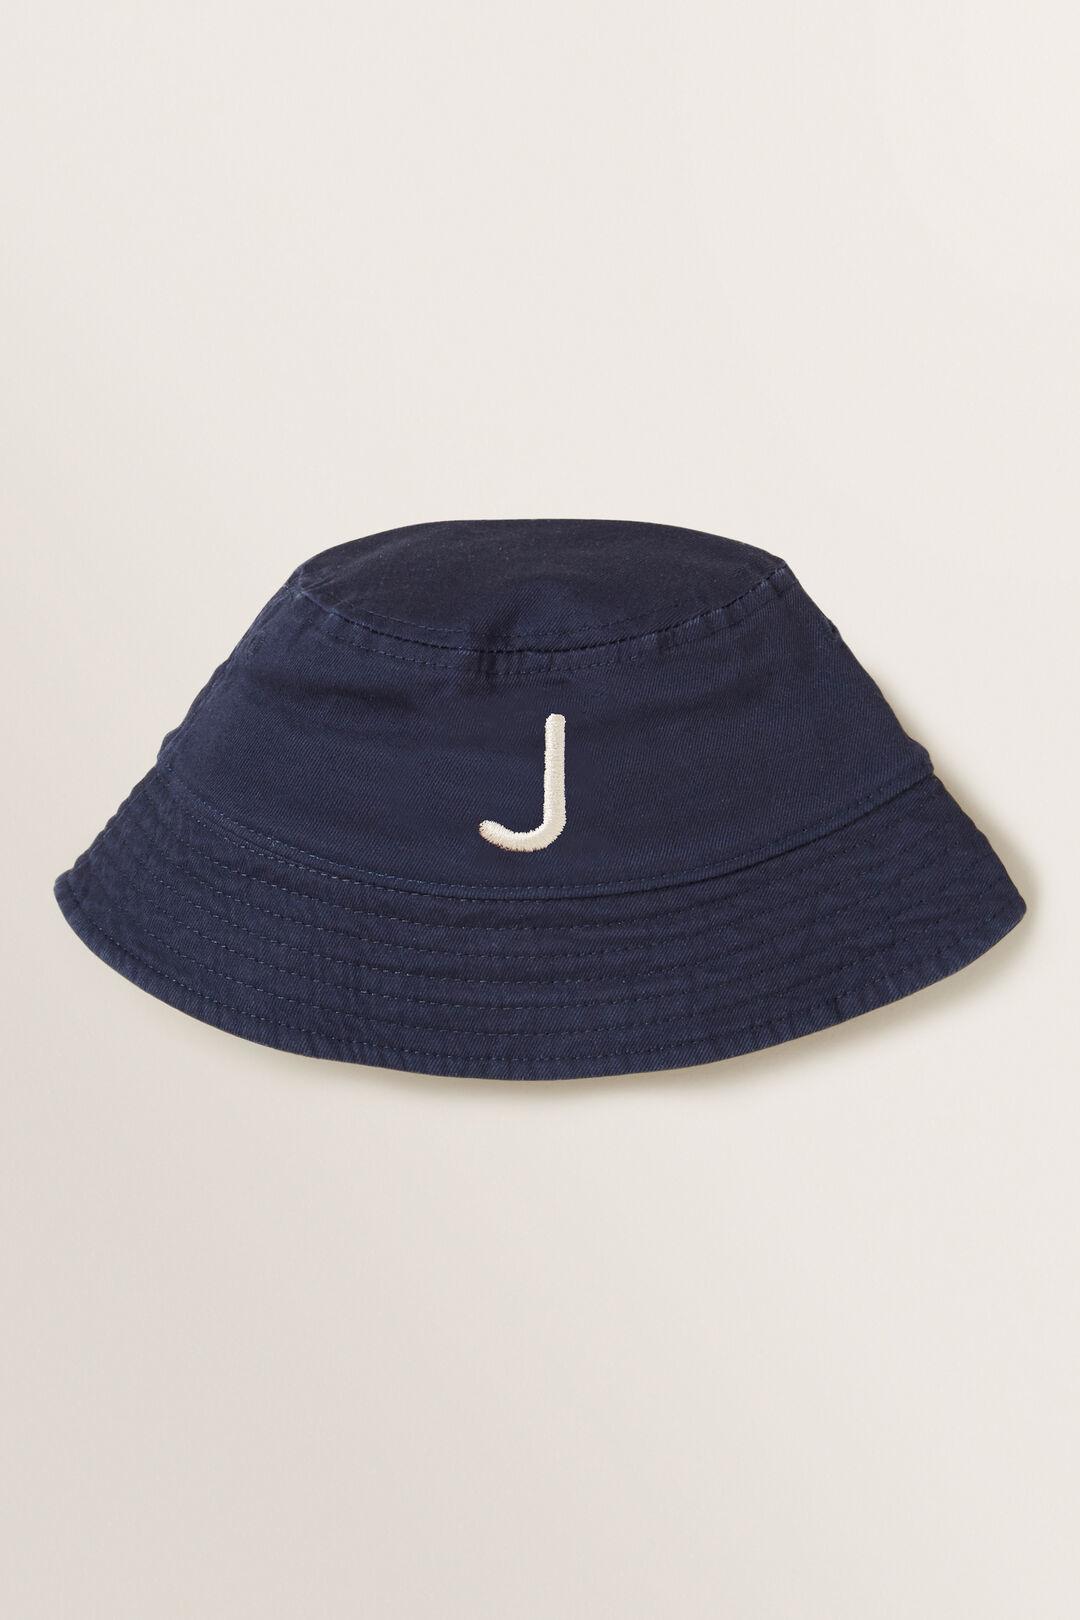 Initial Bucket Hat  J  hi-res